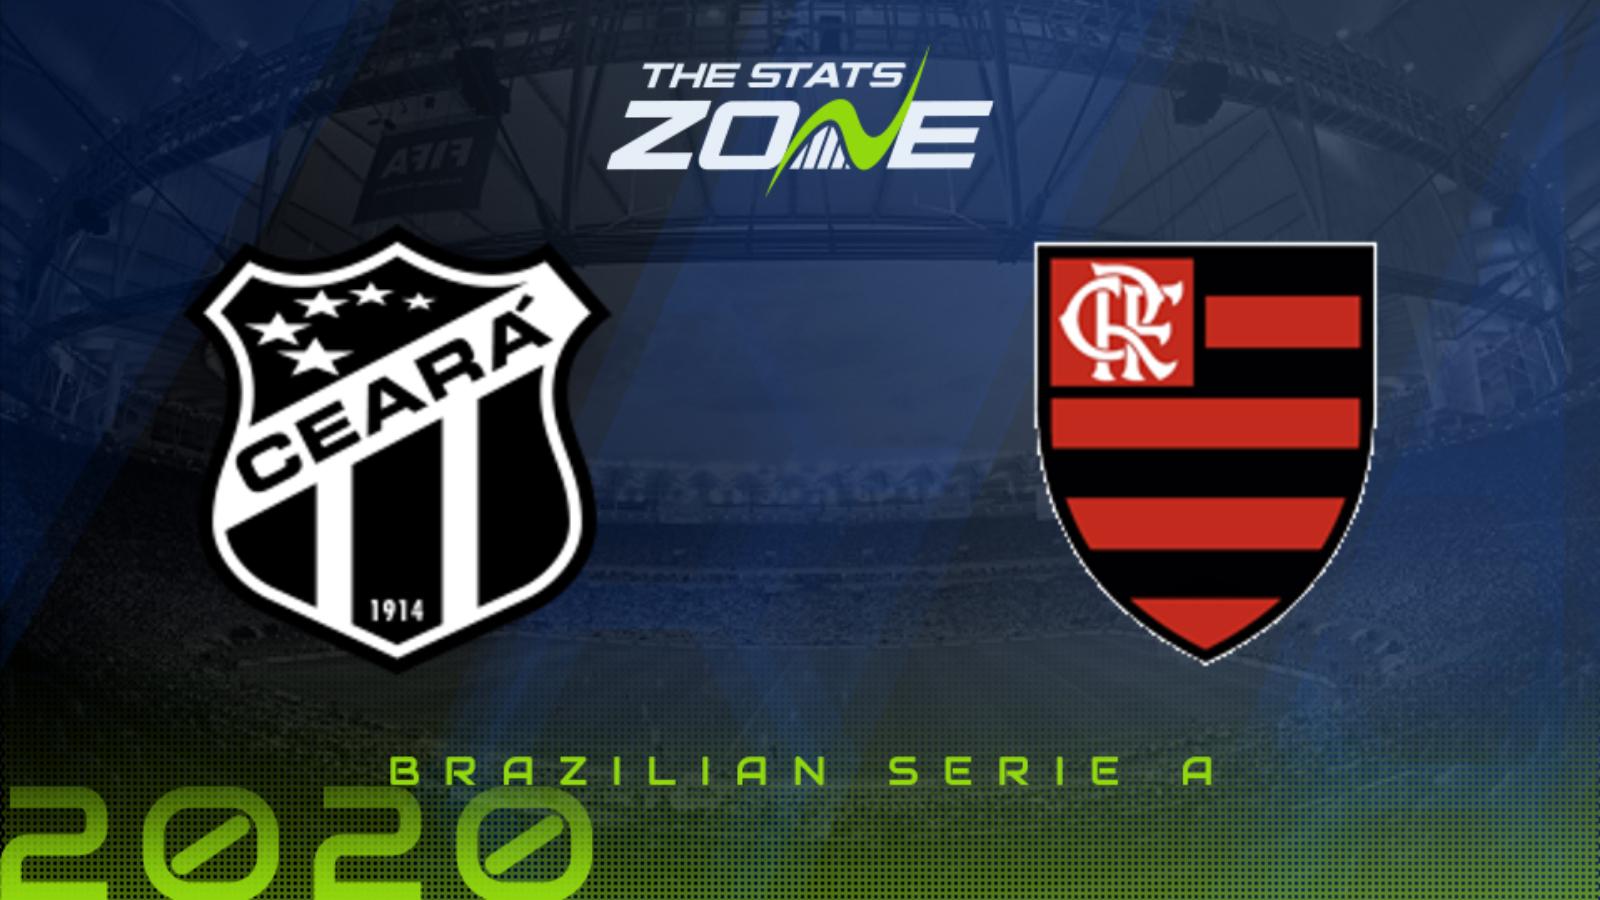 2020 Brazilian Serie A Ceara Vs Flamengo Preview Prediction The Stats Zone